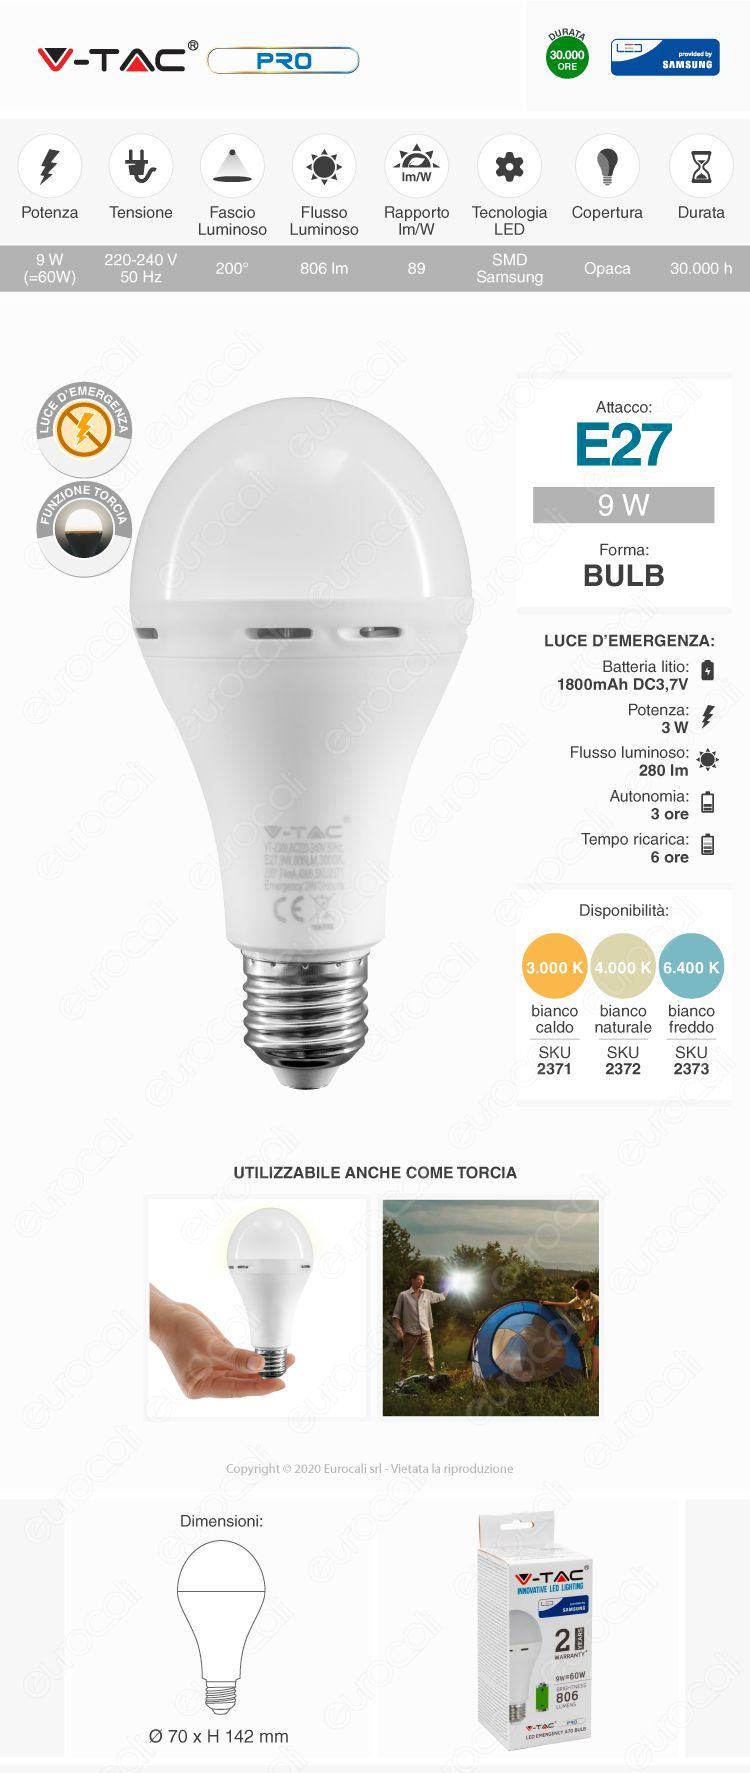 V-Tac PRO Lampadina LED E27 Luce Emergenza